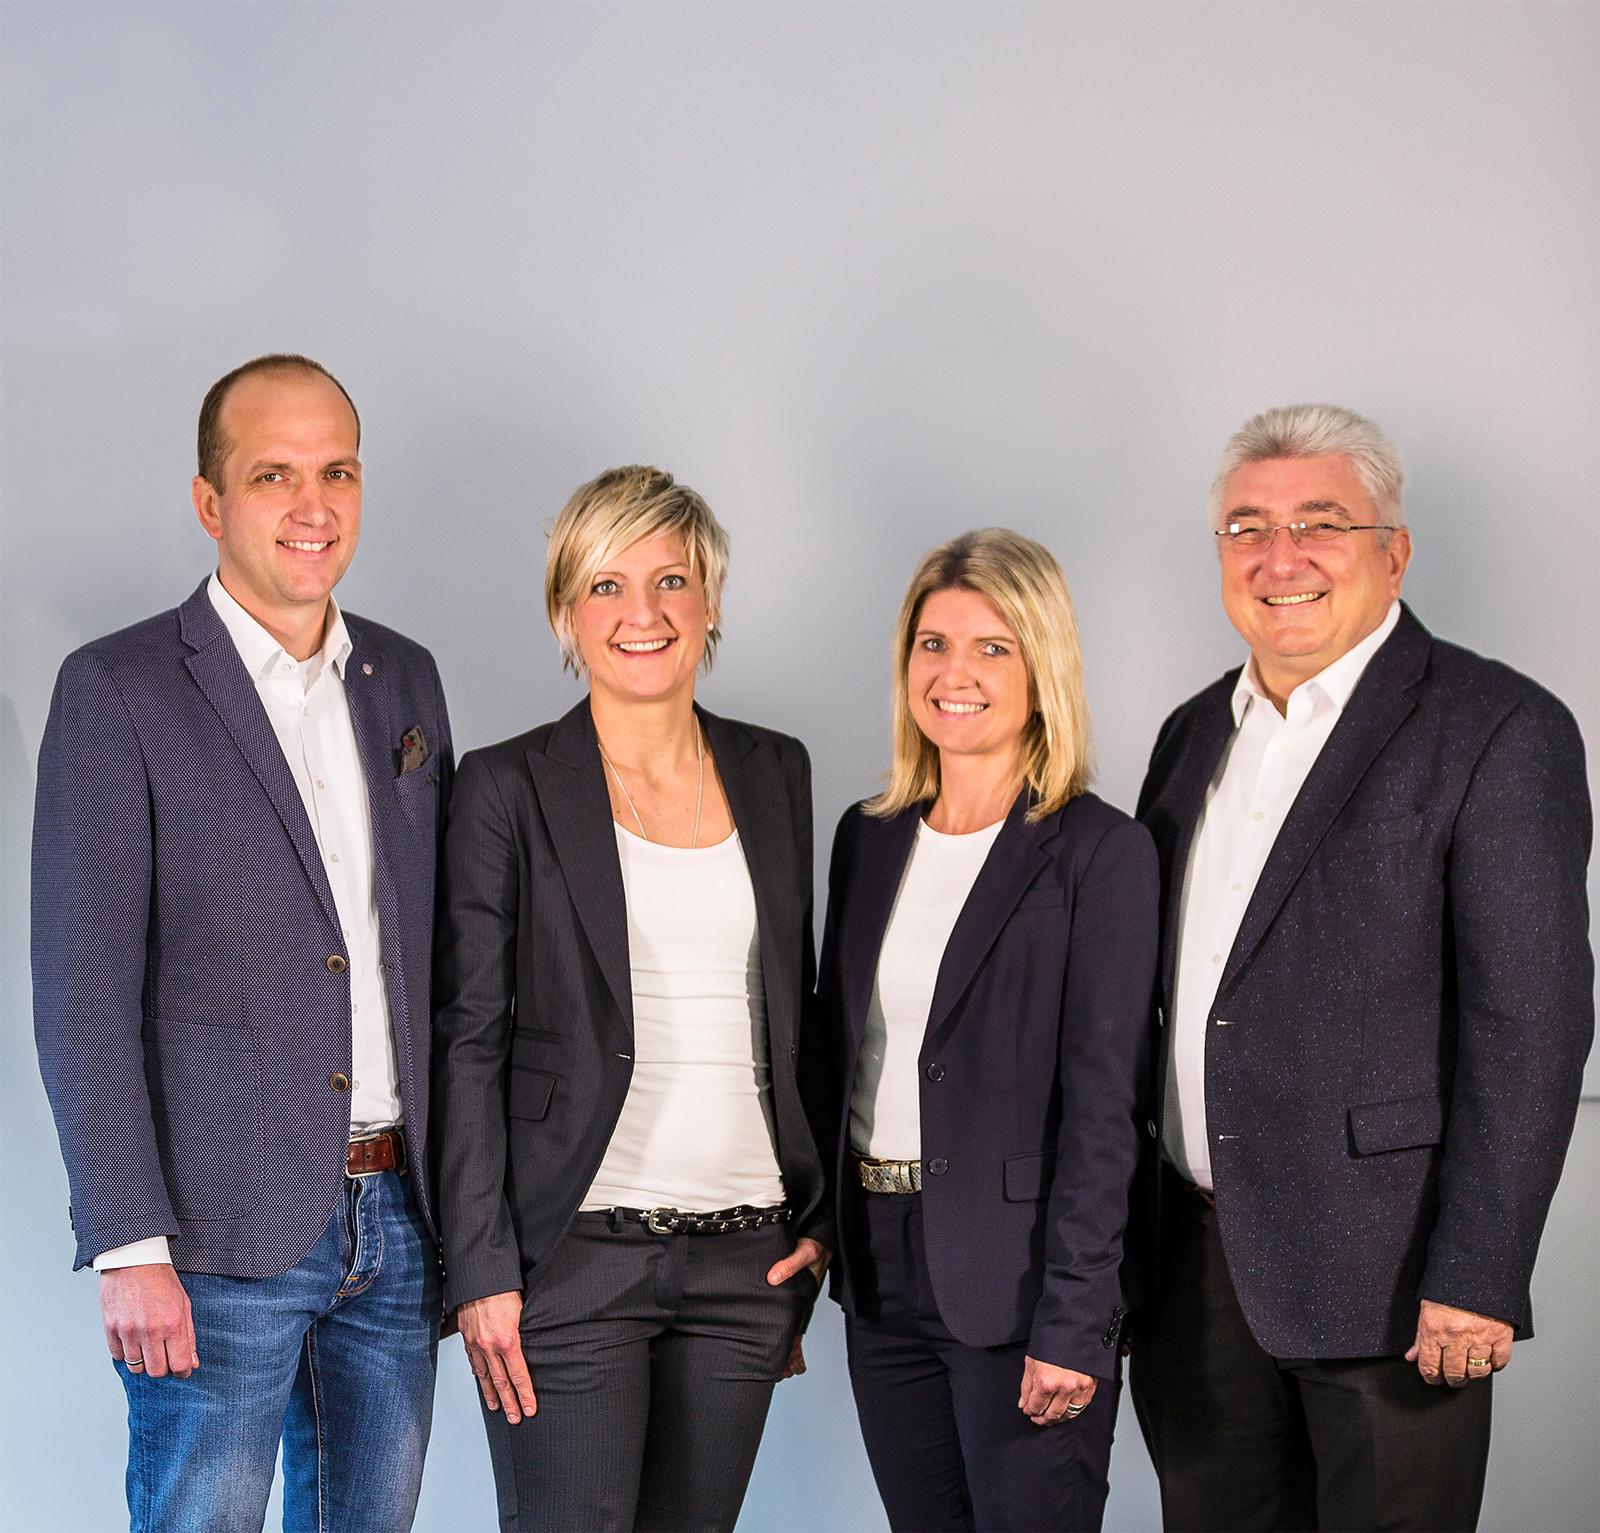 Familie Schuon: Alexander Schuon, Bianca Kuppetz, Sandra Grimm, Theo Schuon (v. li. nach re.)